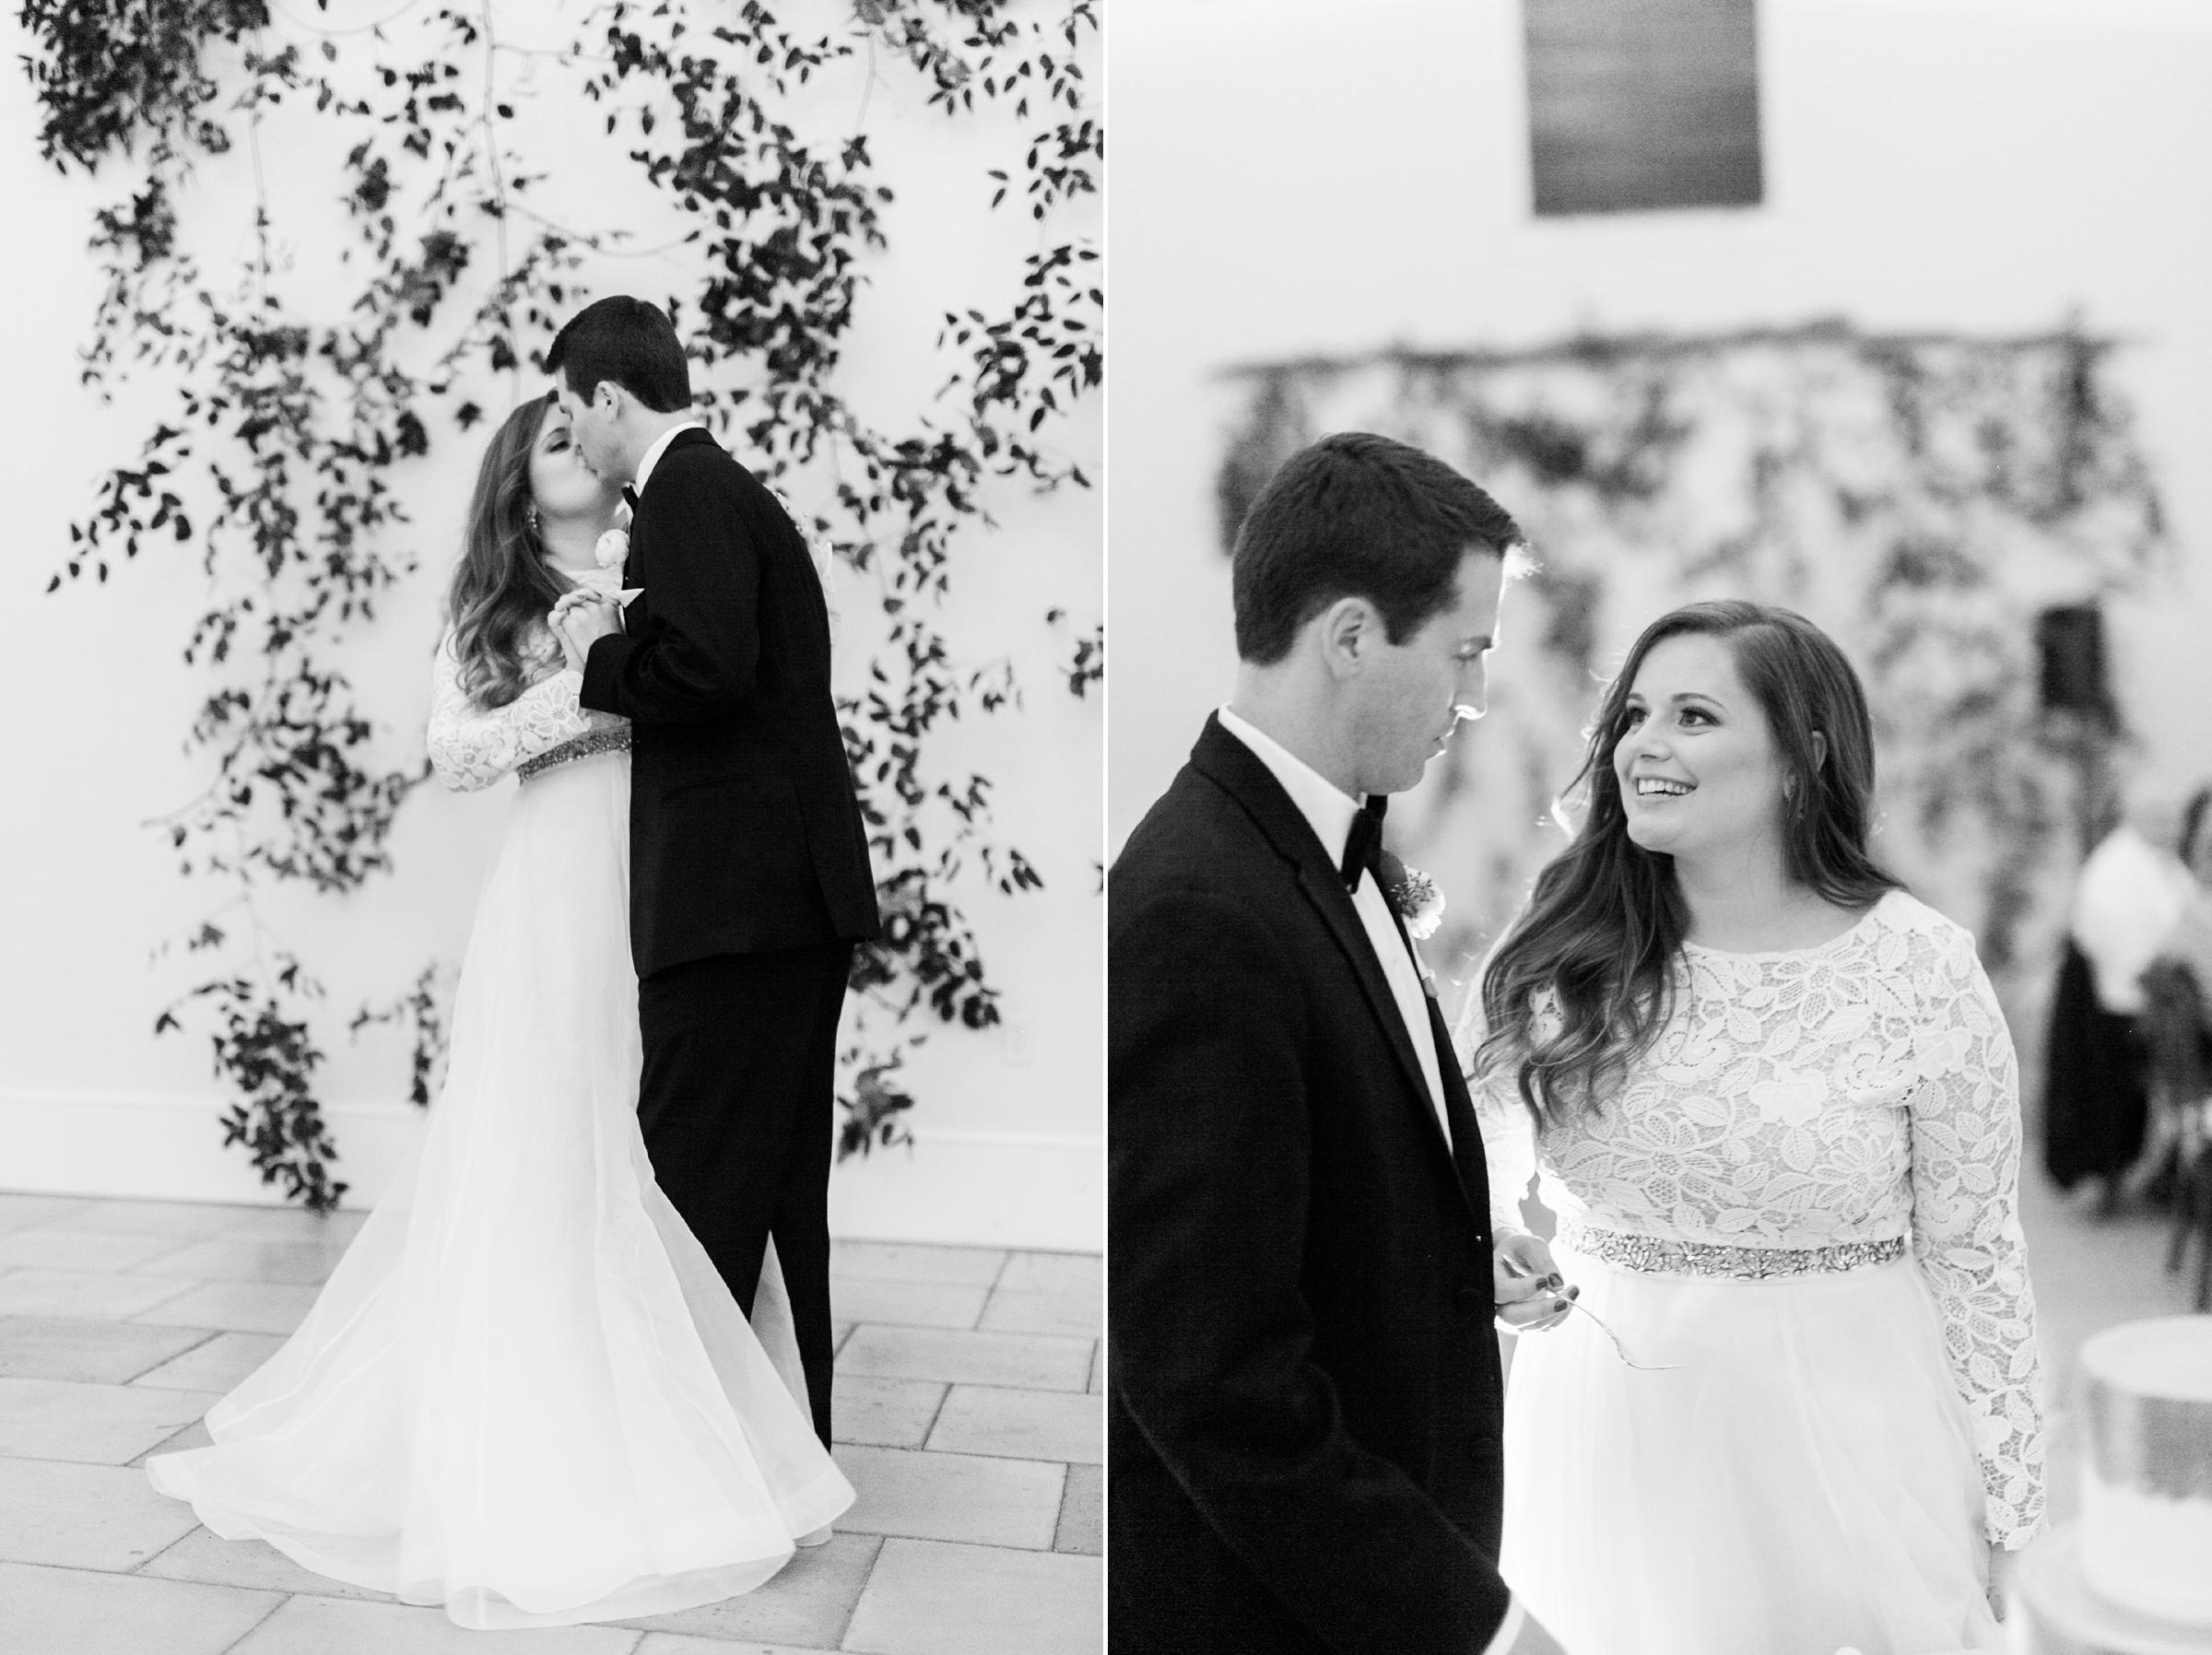 rosemary_beach_wedding_photographer_shannon_griffin_0032.jpg